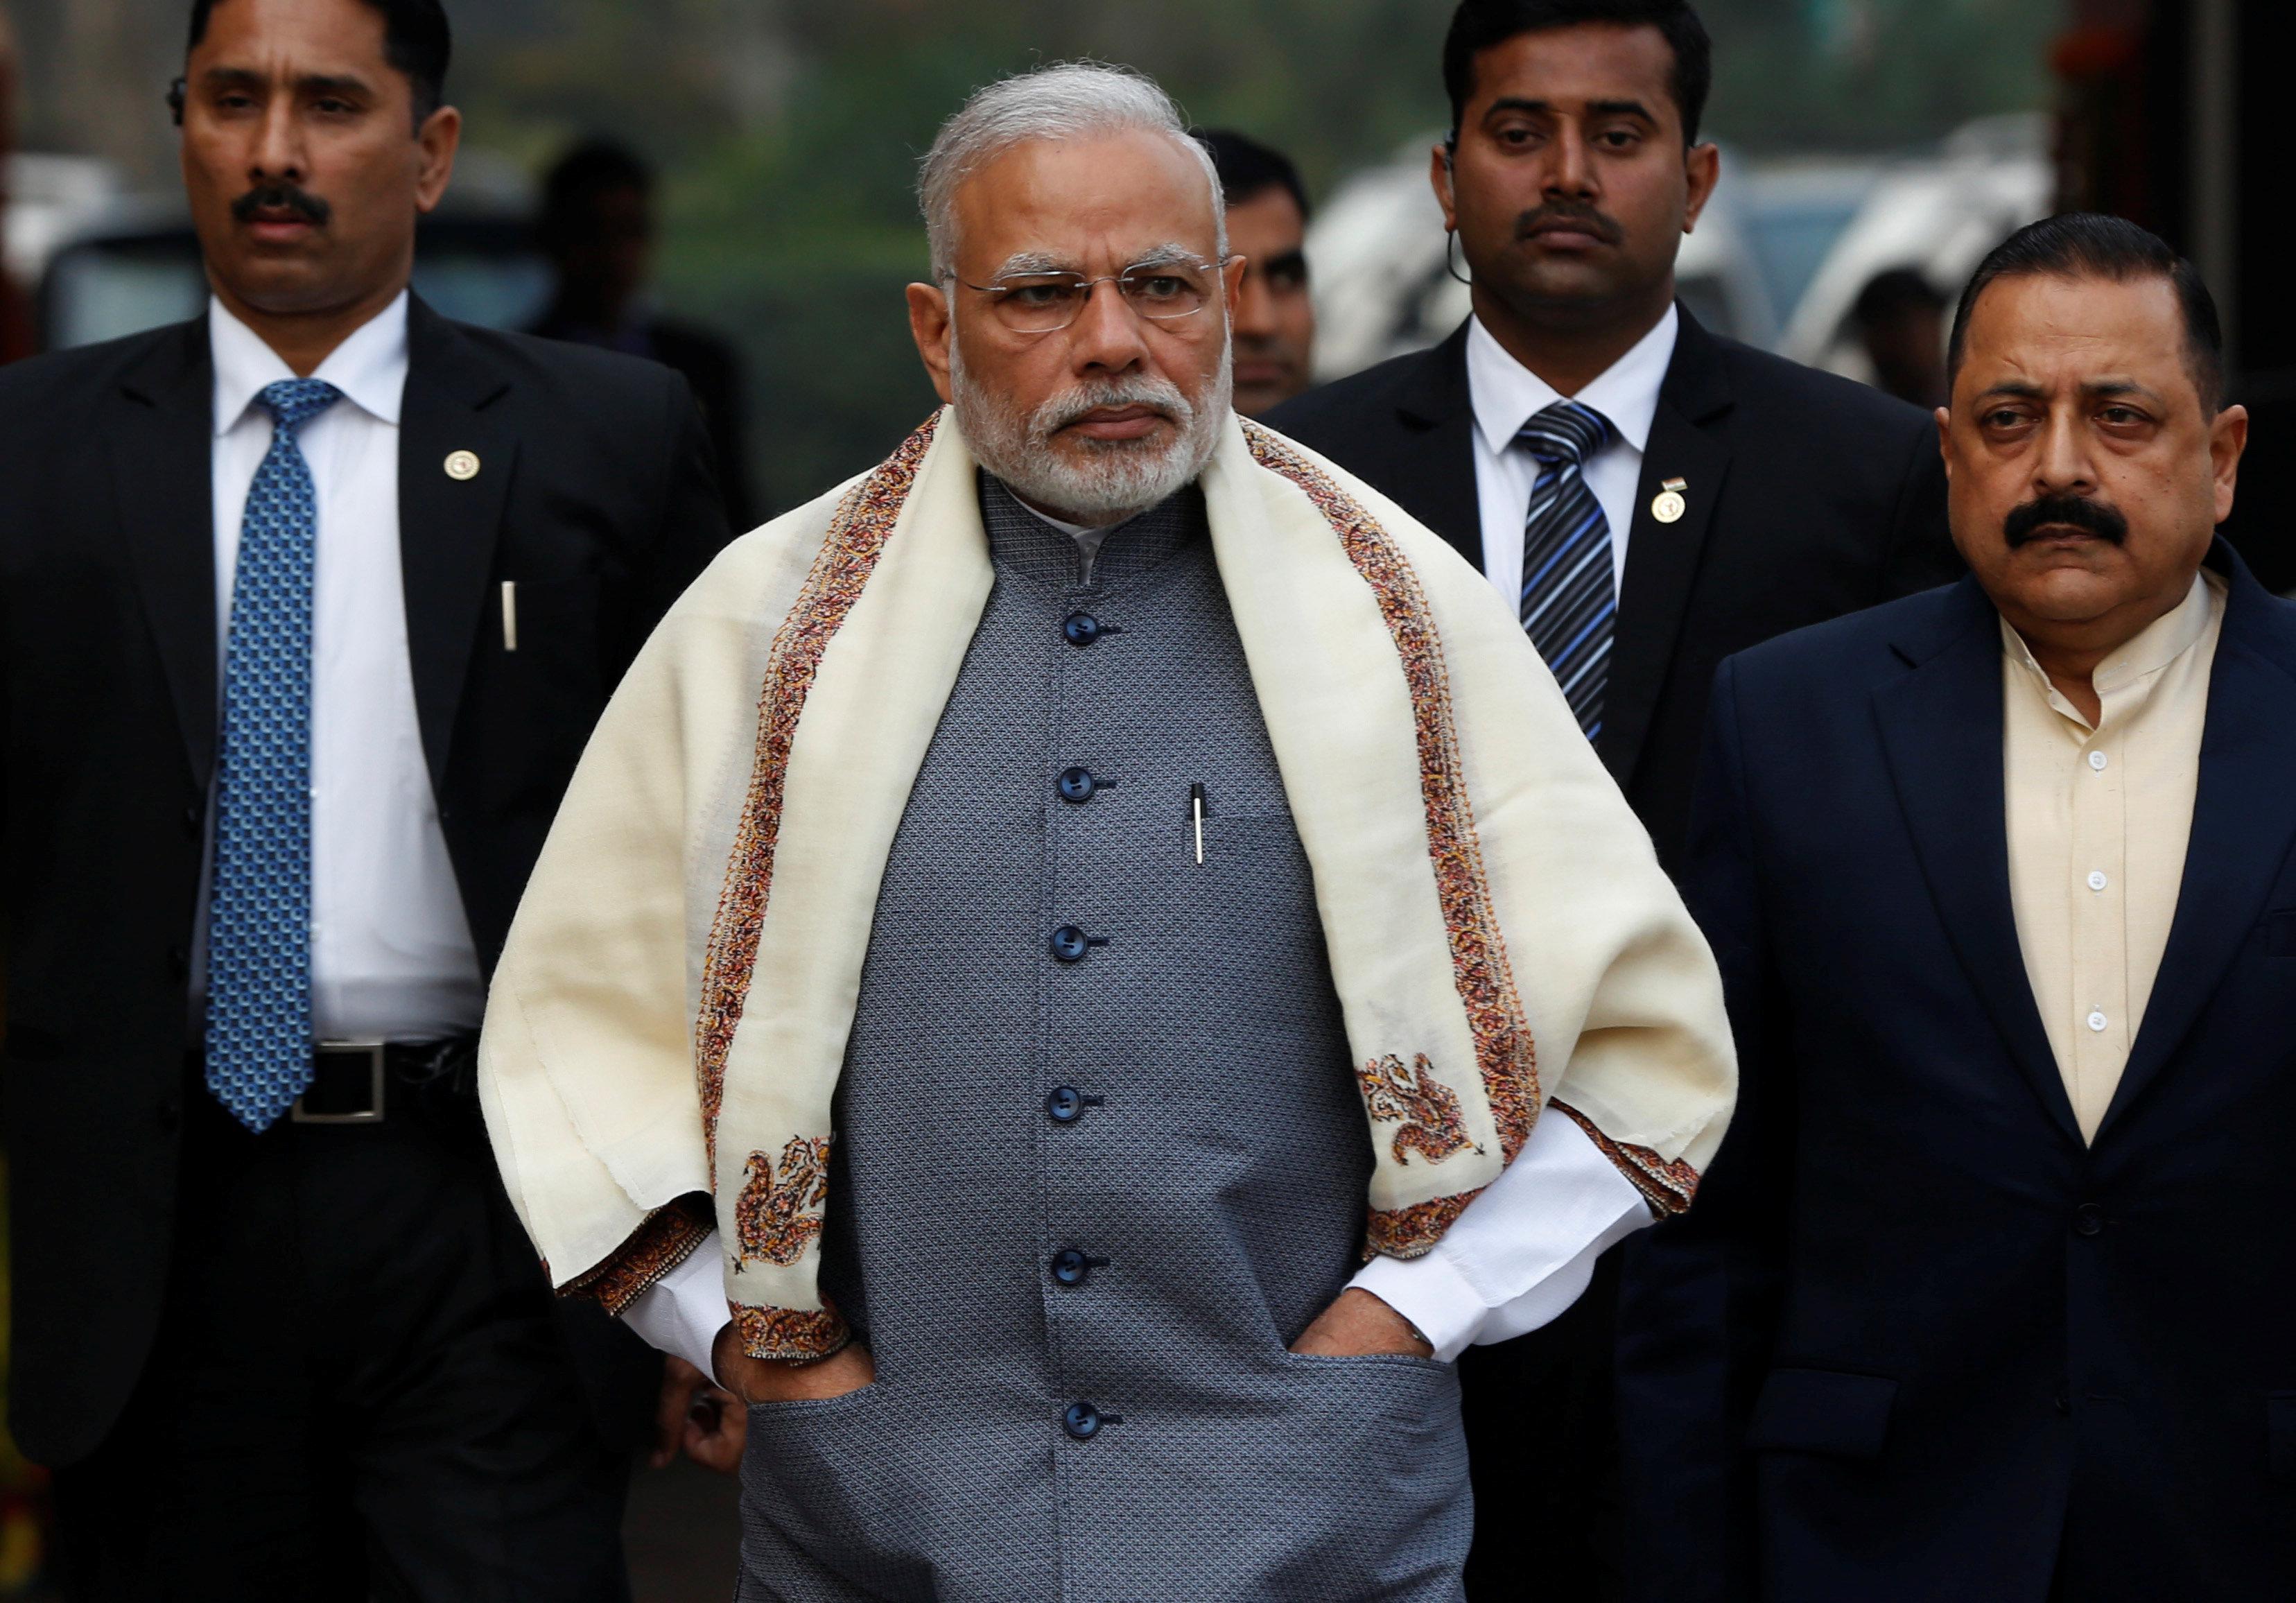 Ấn Độ cố gắng lôi kéo Sri Lanka để giảm ảnh hưởng từ Trung Cộng